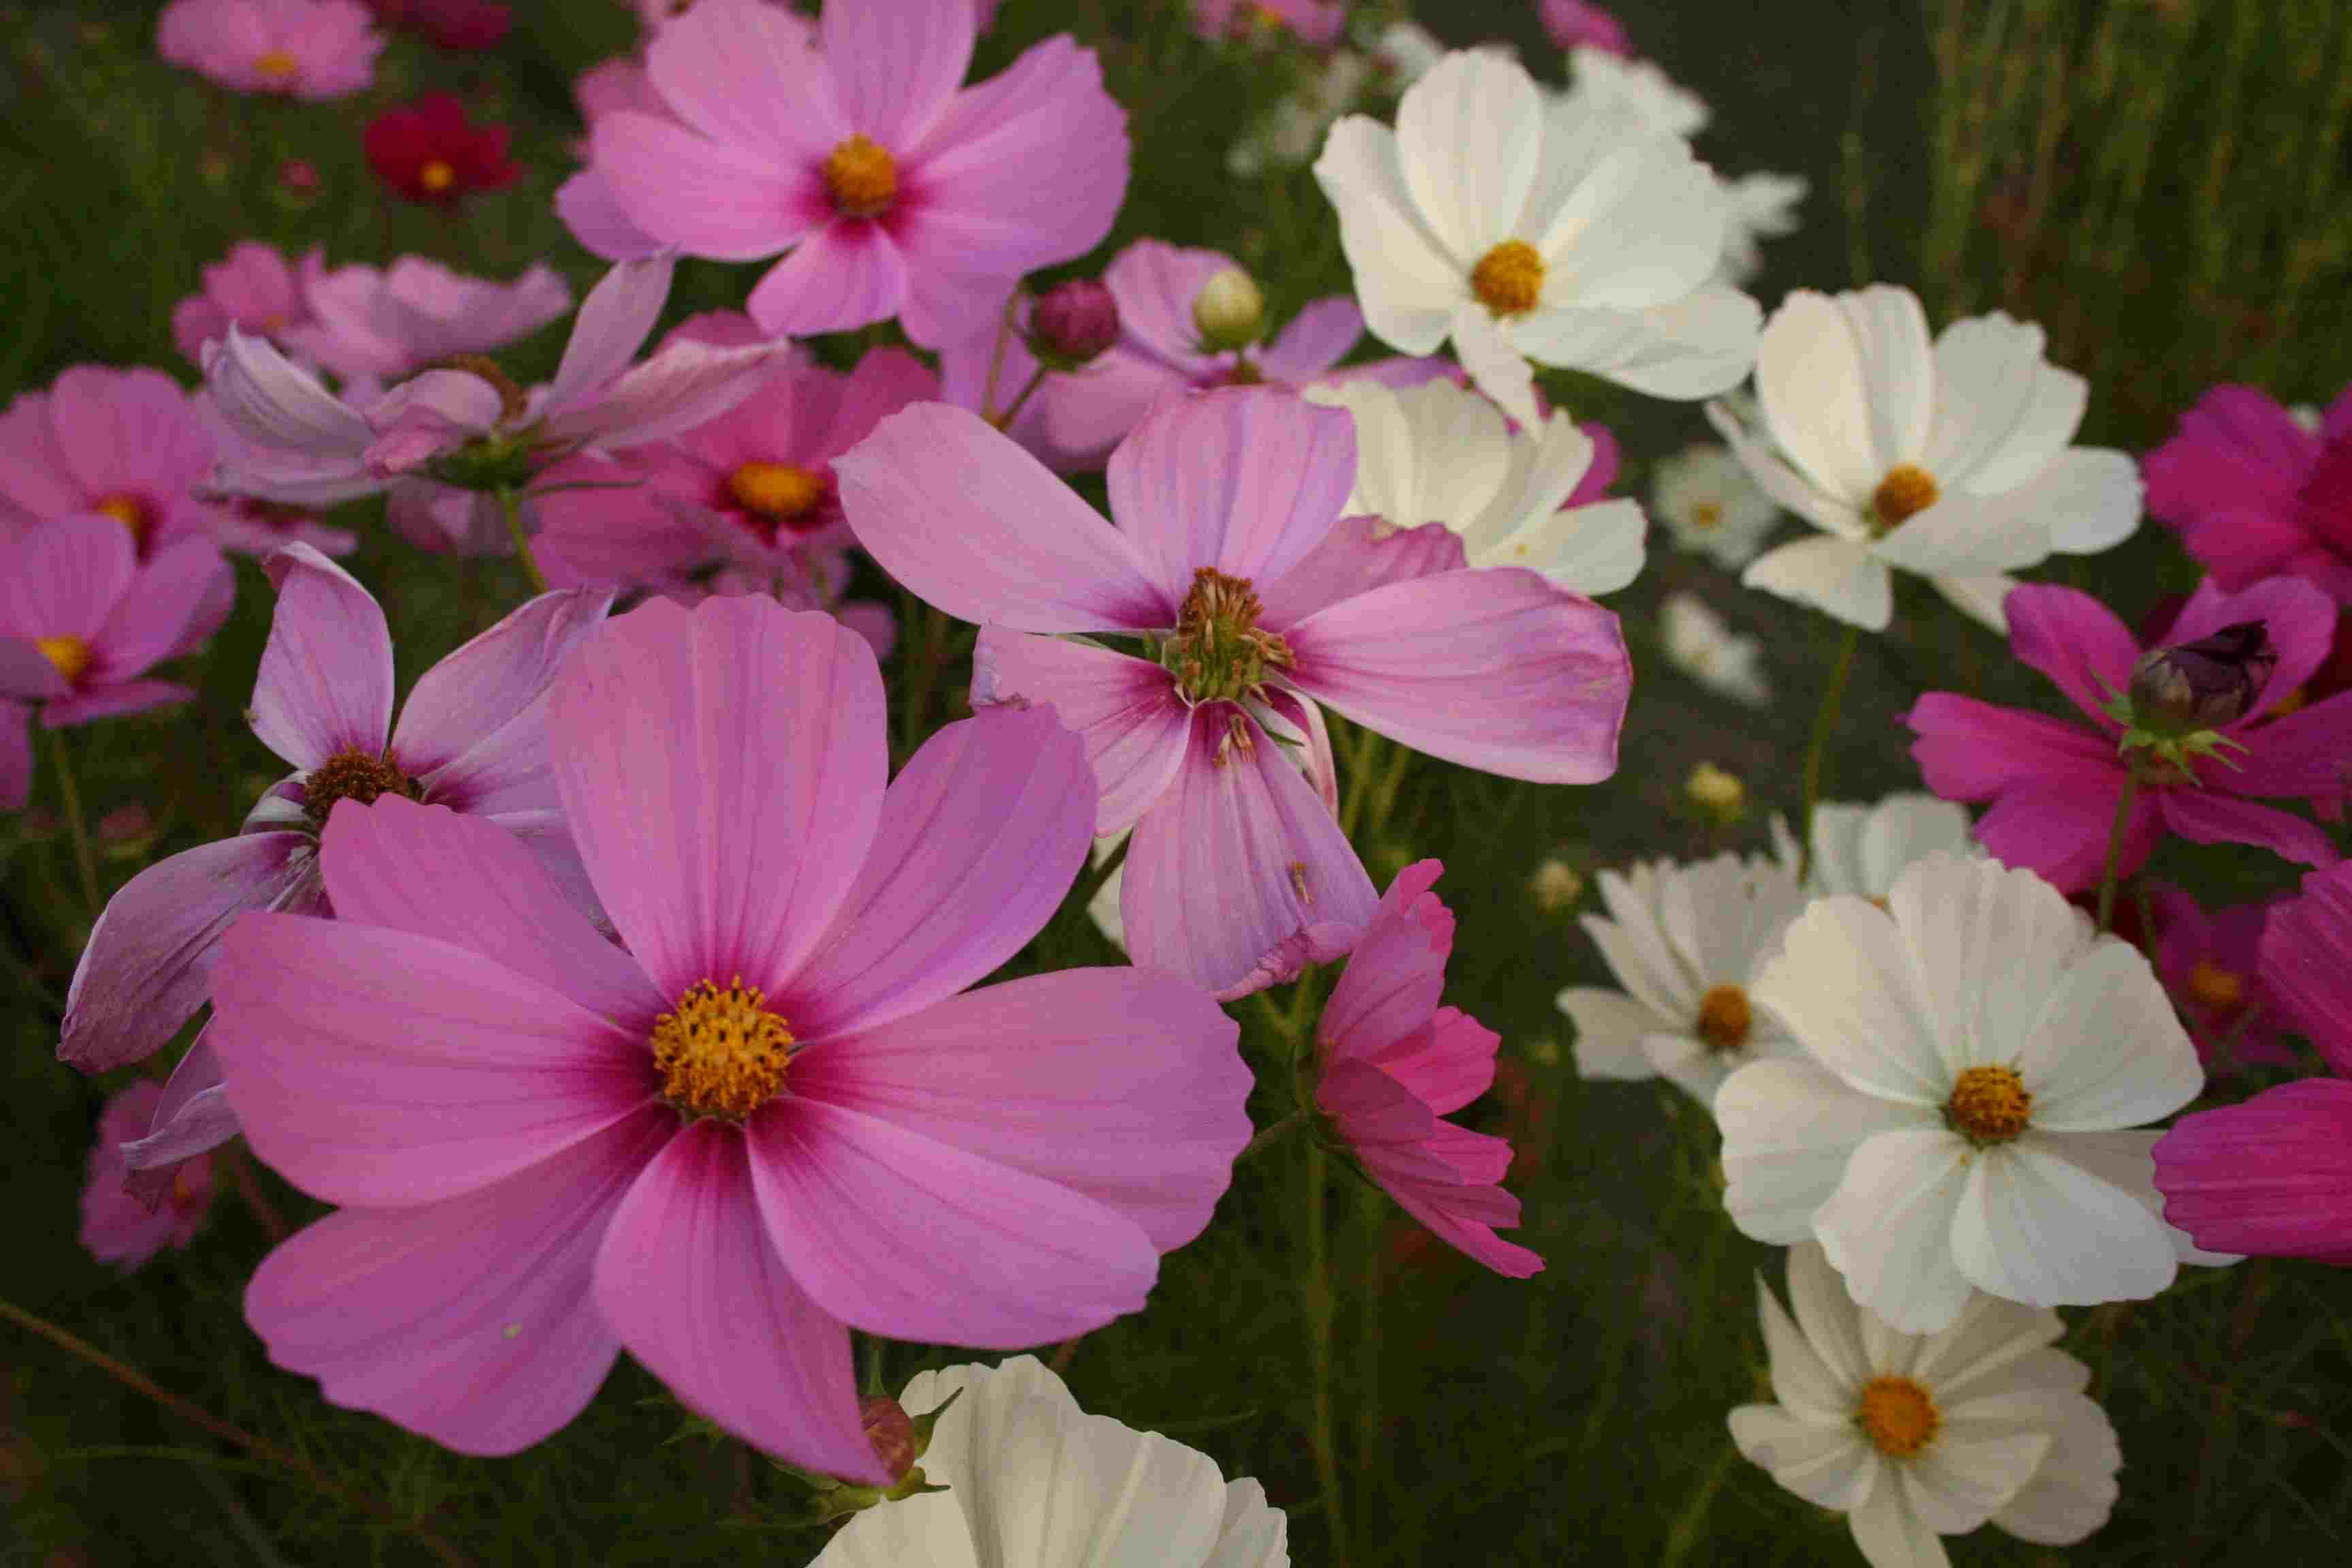 京都府立植物園 秋の花 きのこ展_c0100195_10341896.jpg